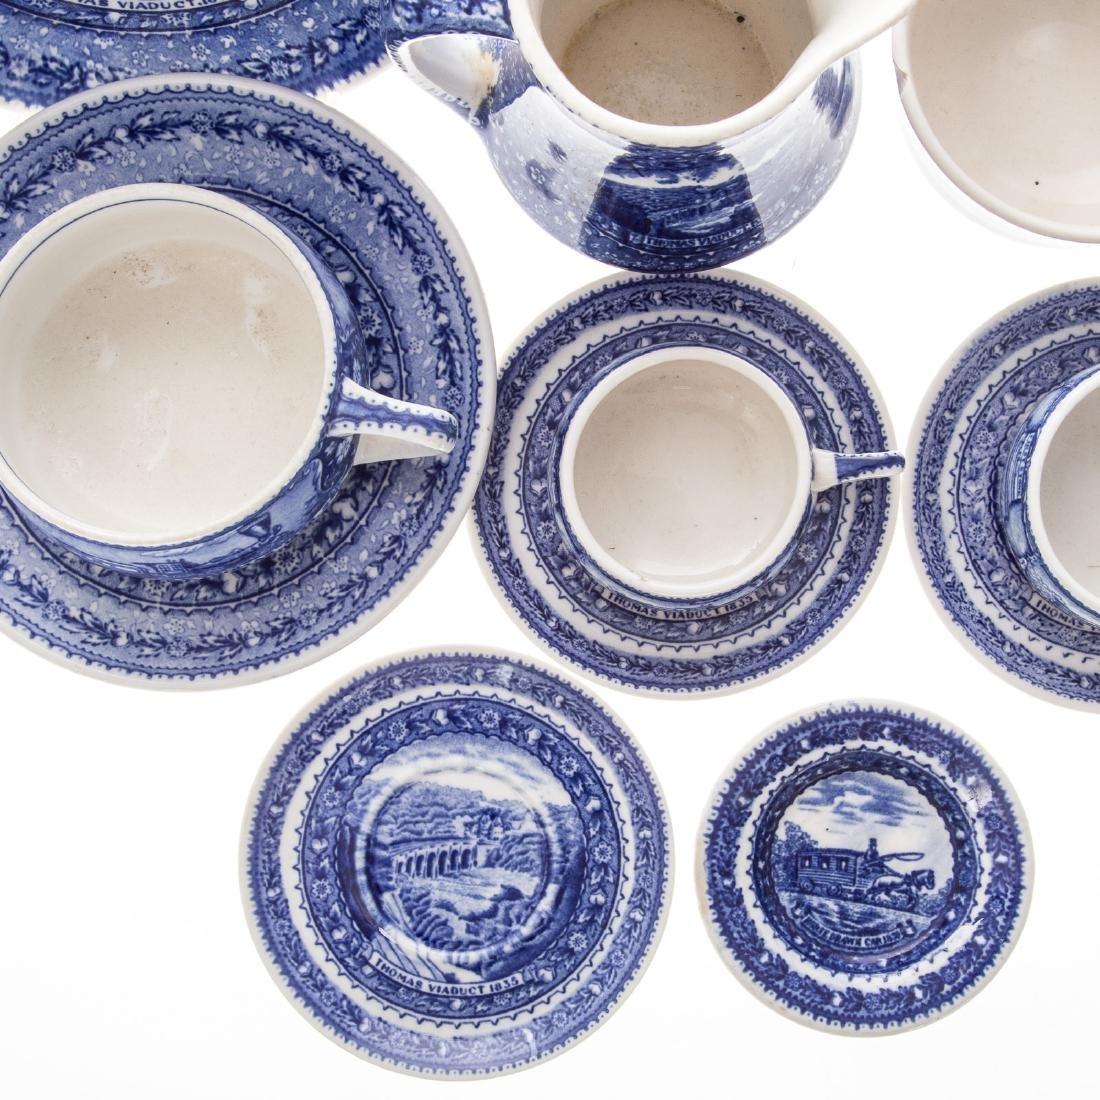 11 Lamberton B & O china cups/saucers - 2